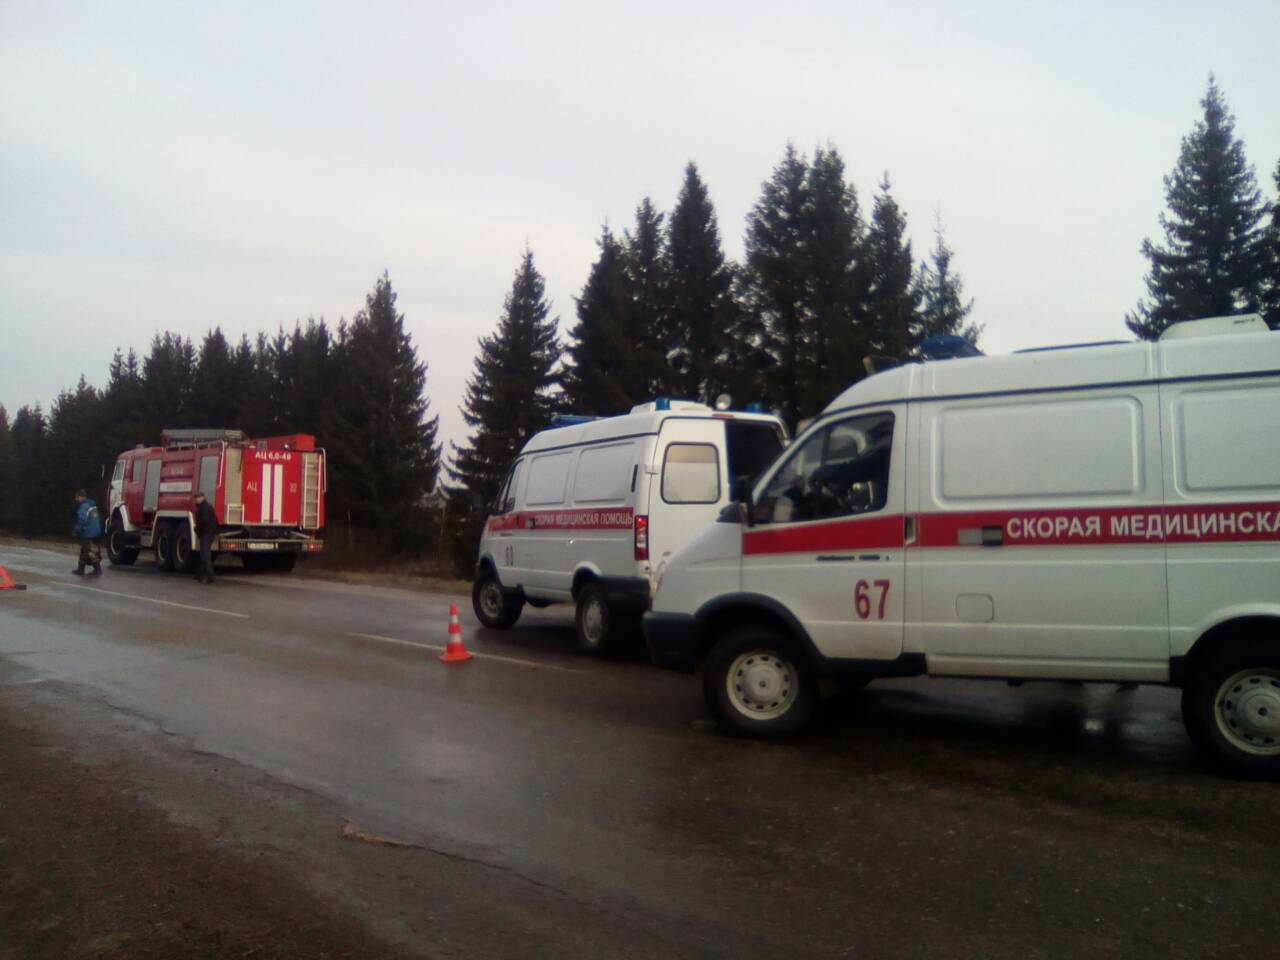 Фольксваген транспортер в чувашии оао сибайский элеватор 453830 республика башкортостан г сибай ул элеваторная 1